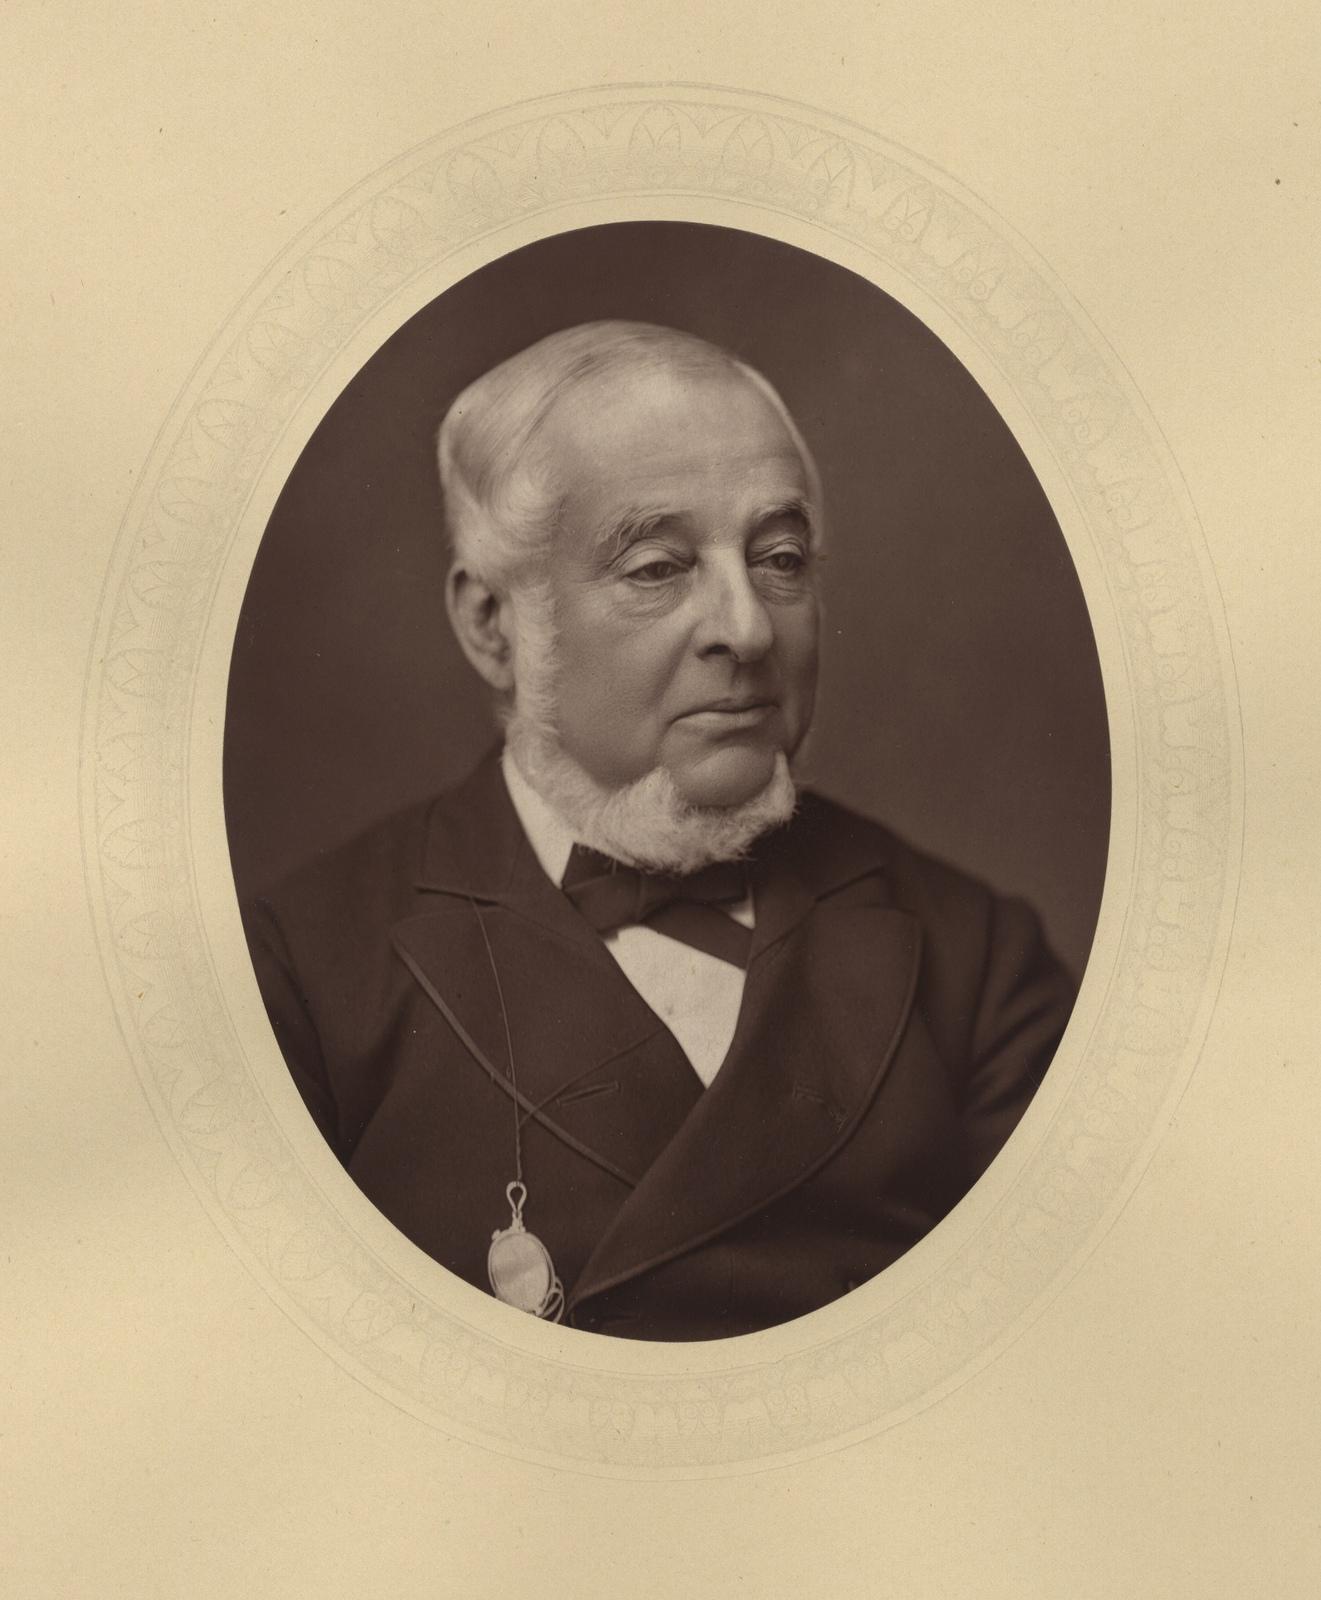 1881. Уоррен де ла Рю (британский астроном, член-корреспондент Петербургской академии наук)